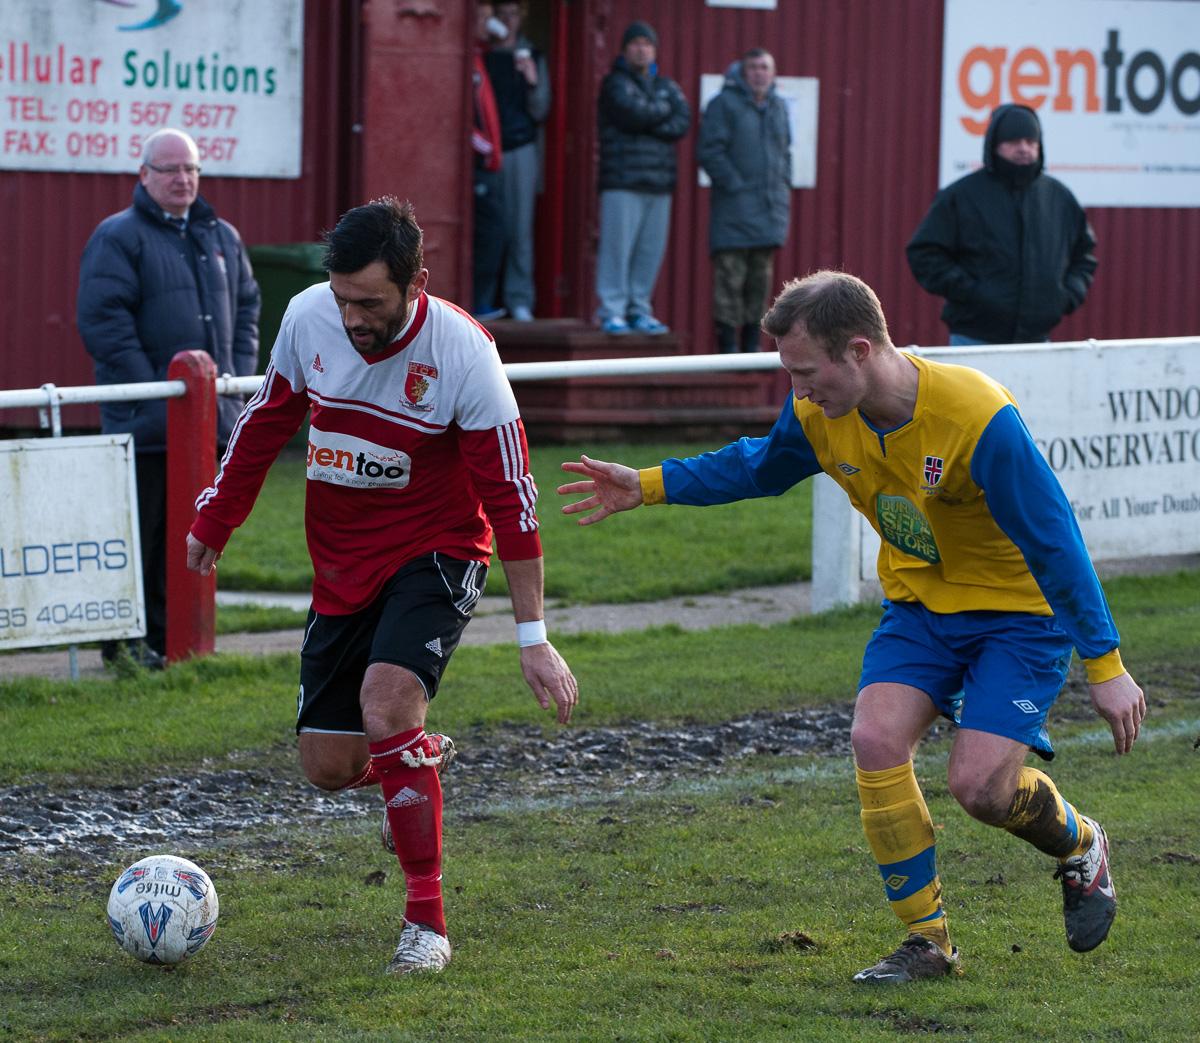 Sunderland Rca Fc 1 Durham City Fc 1 Sunderland Rca Fc